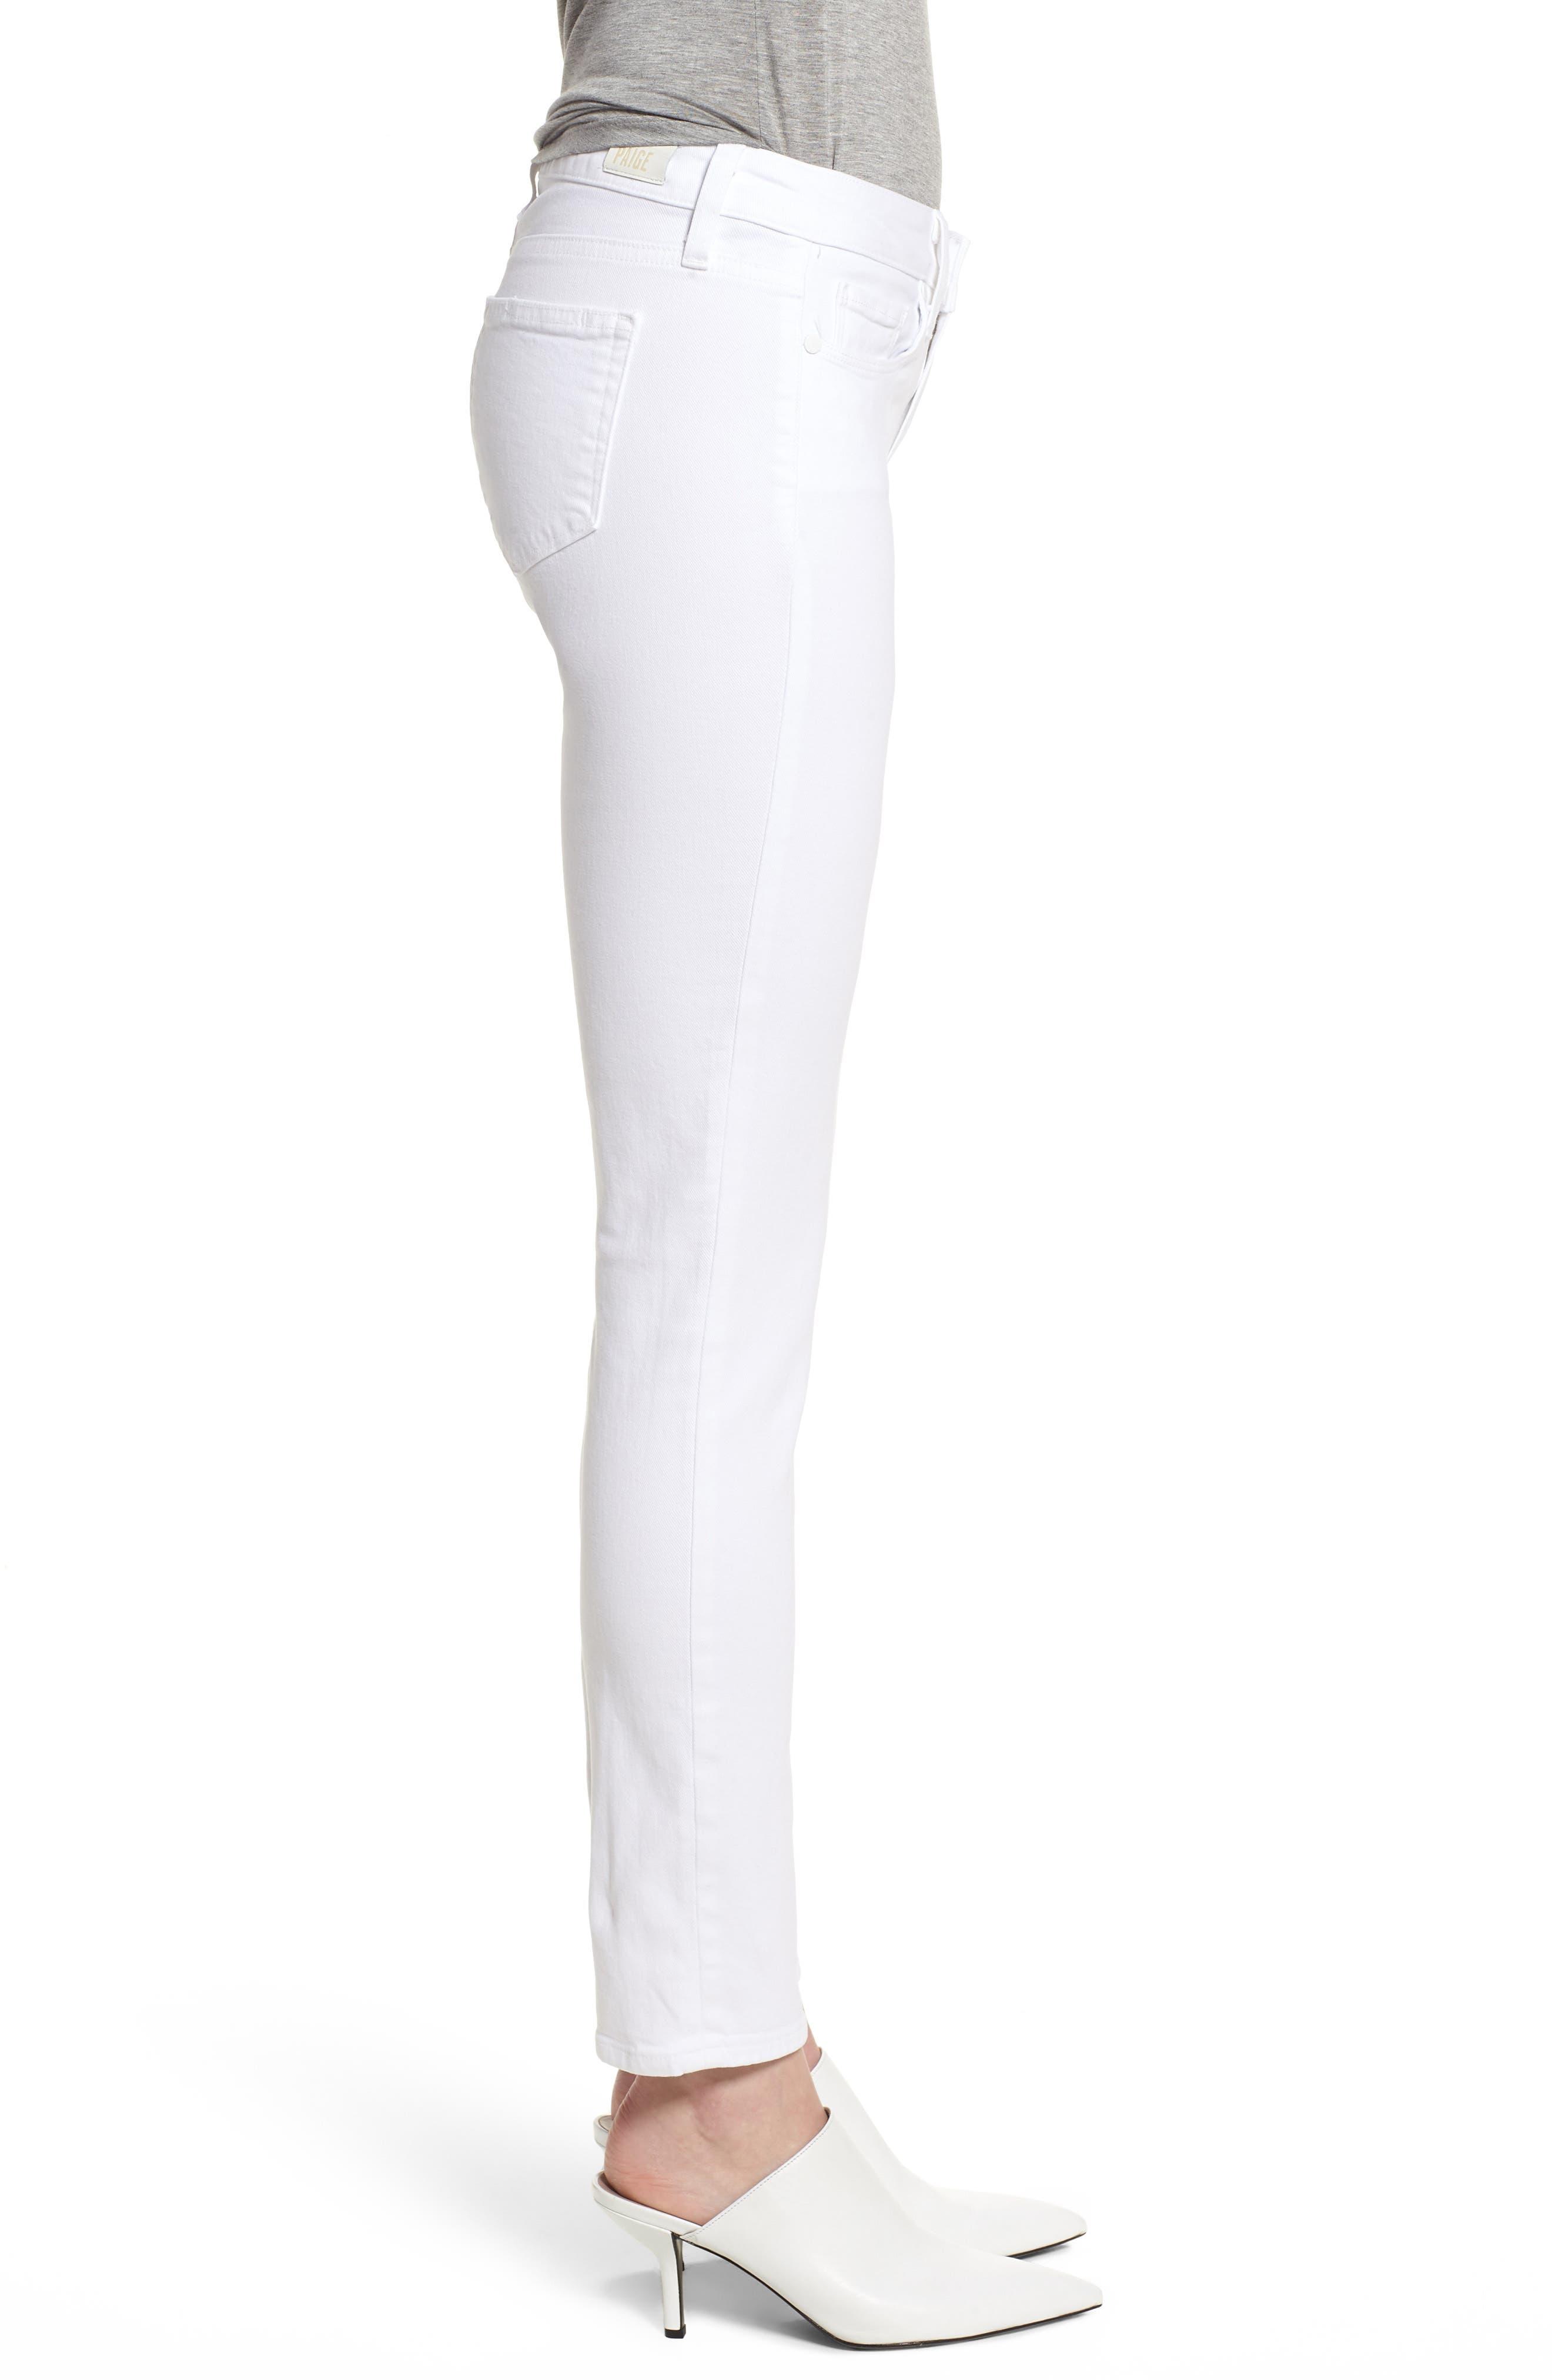 Skyline Ankle Peg Skinny Jeans,                             Alternate thumbnail 3, color,                             Crisp White